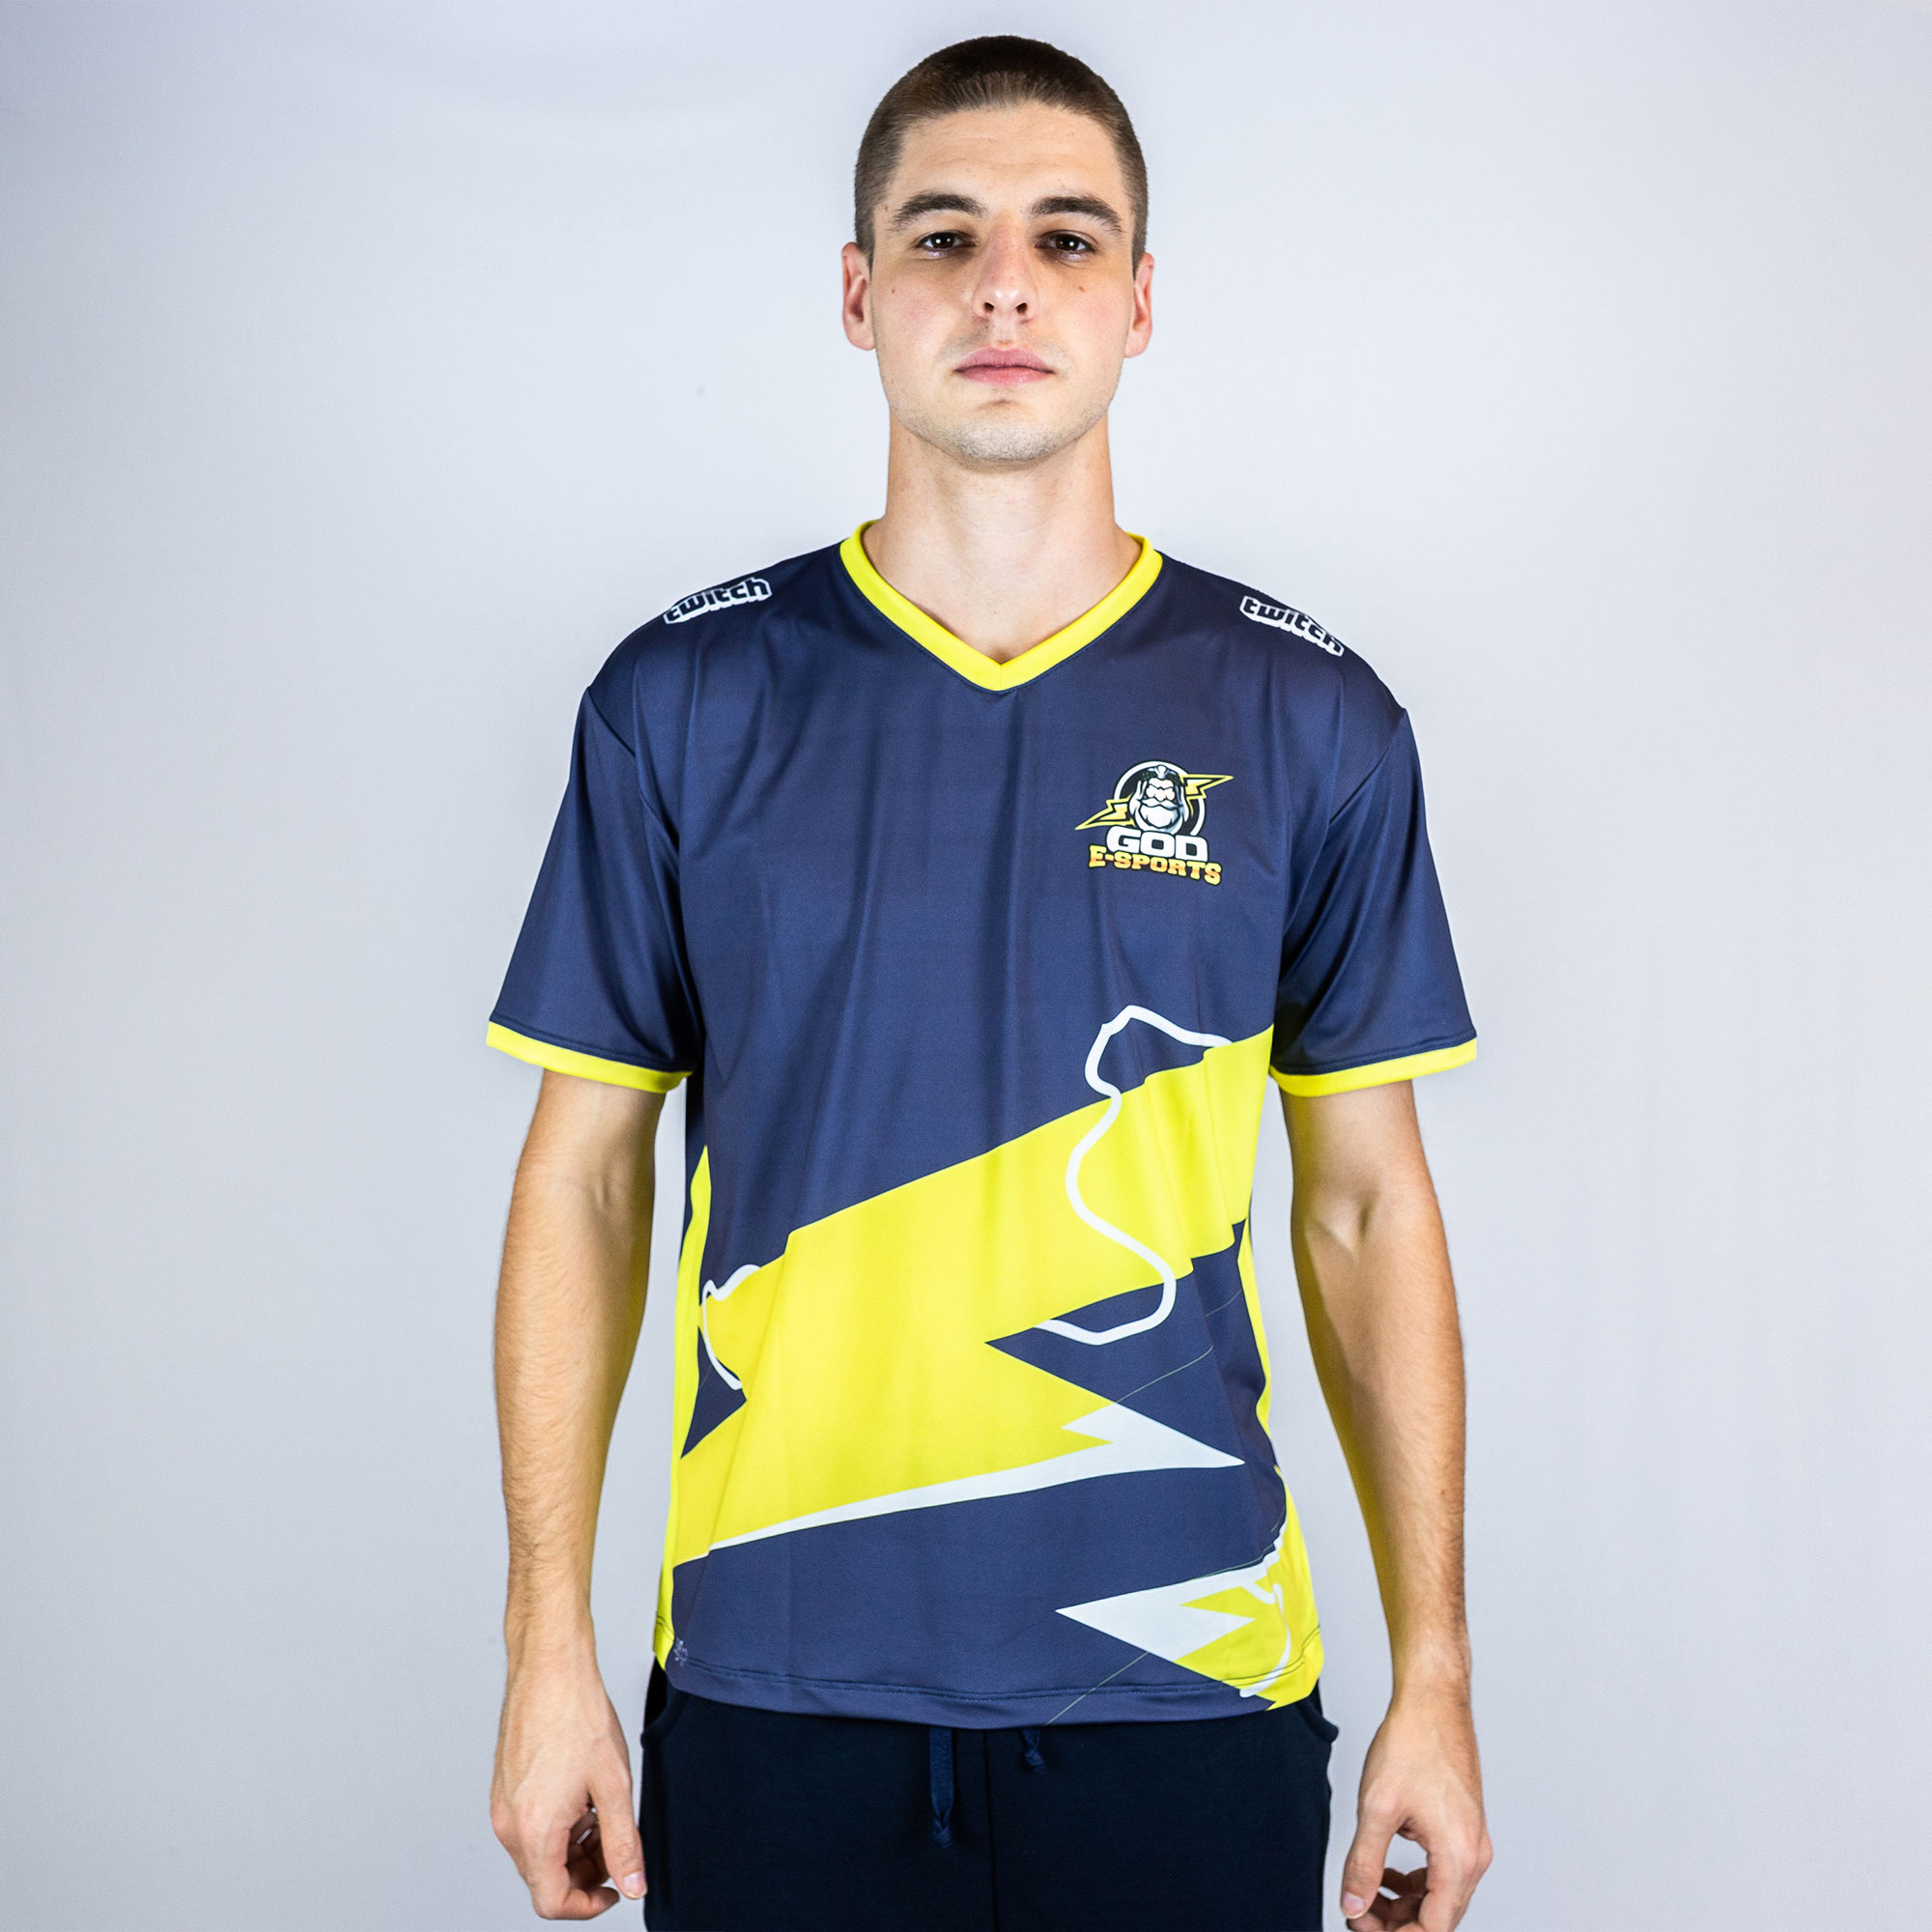 Camiseta Jersey God Esports Torcedor Oficial Azul